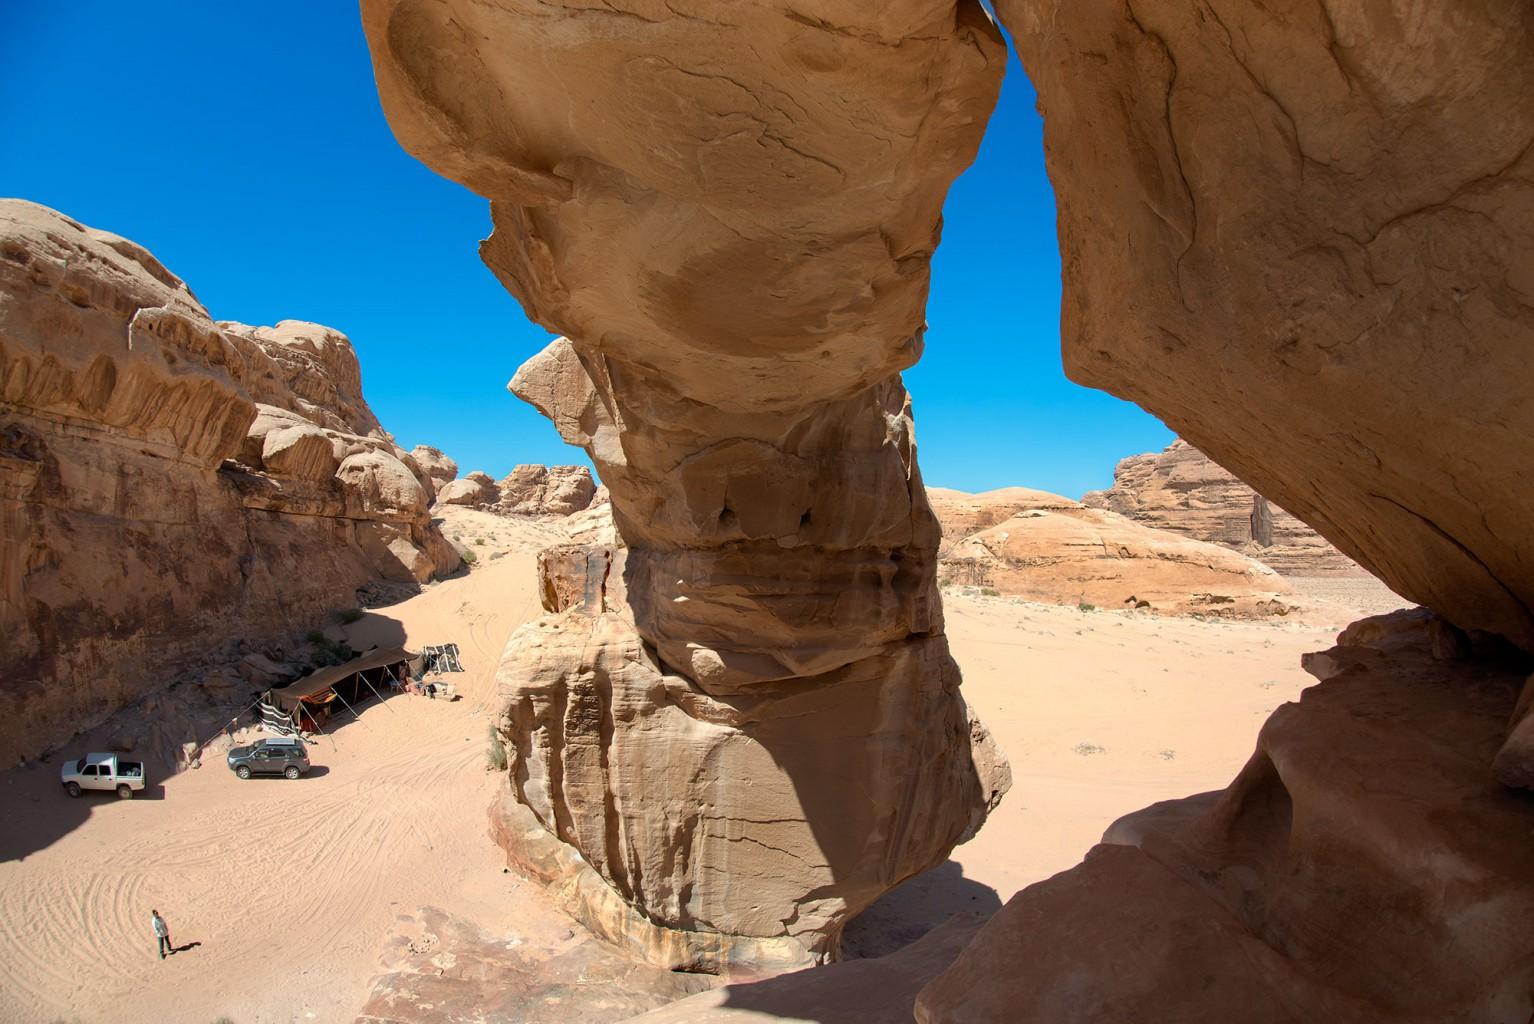 Incredible Sandstone Bridges of Wadi Rum